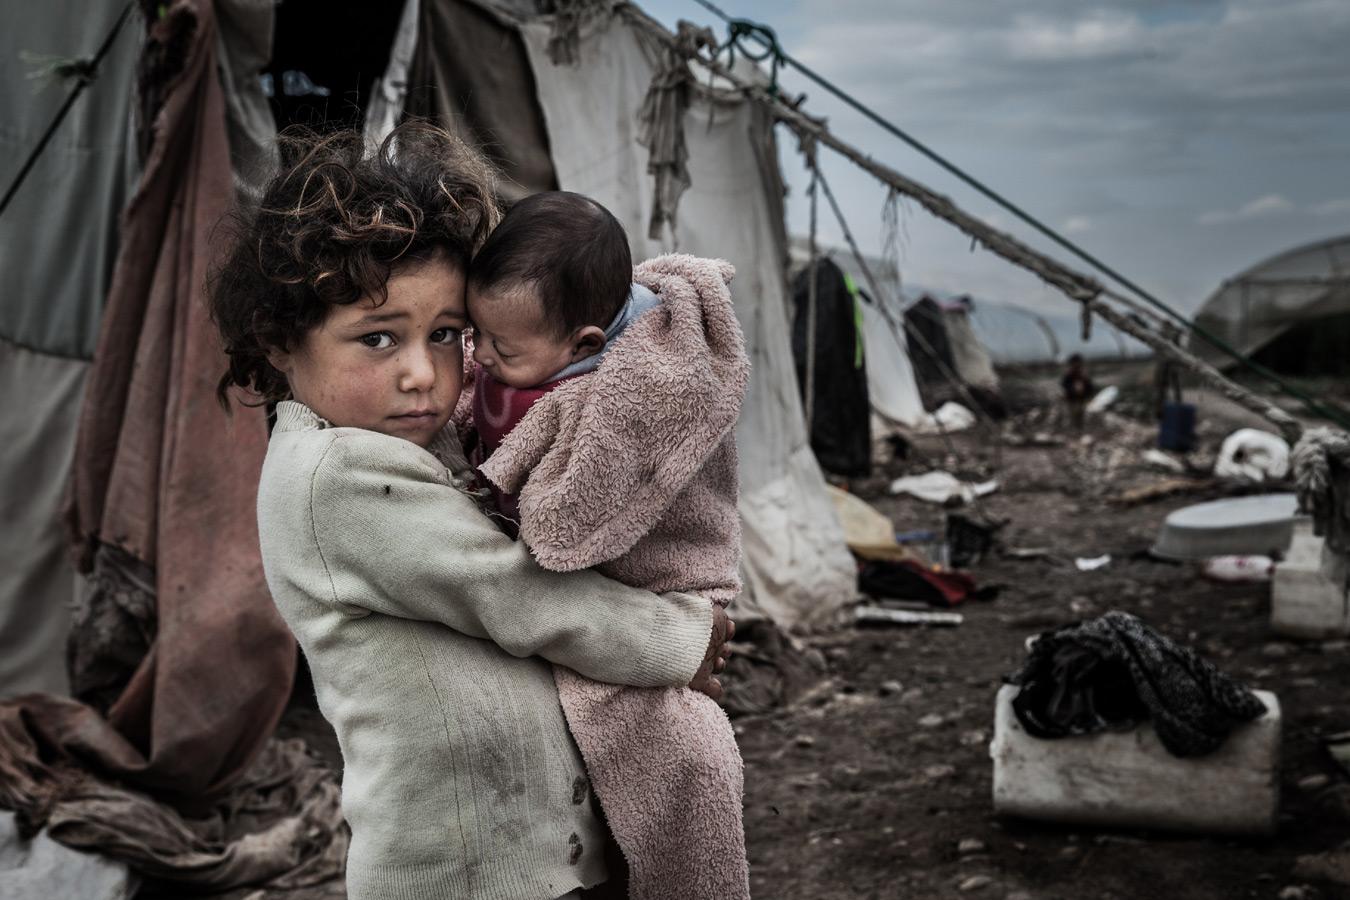 Слишком быстро выросли, © Мухаммед Юсеф, Кувейт, 4 место в категории «Вызов», Фотоконкурс HIPA